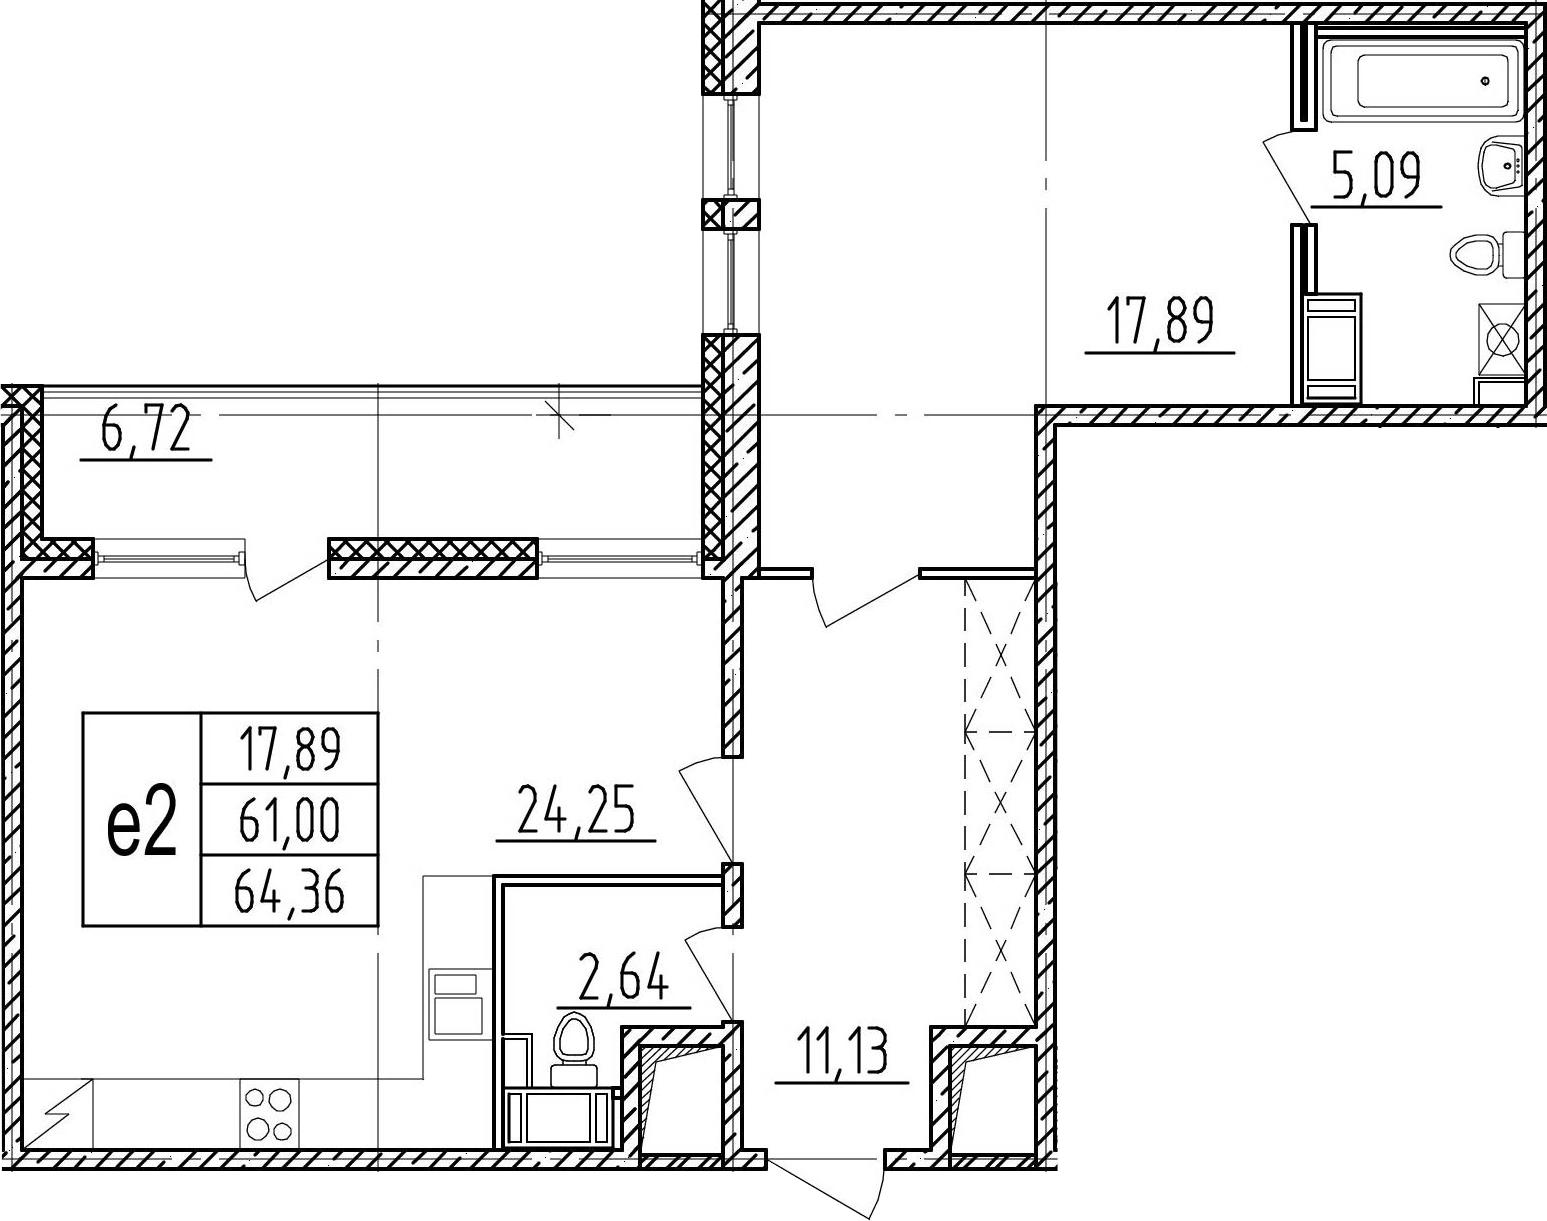 2-к.кв (евро), 67.72 м²